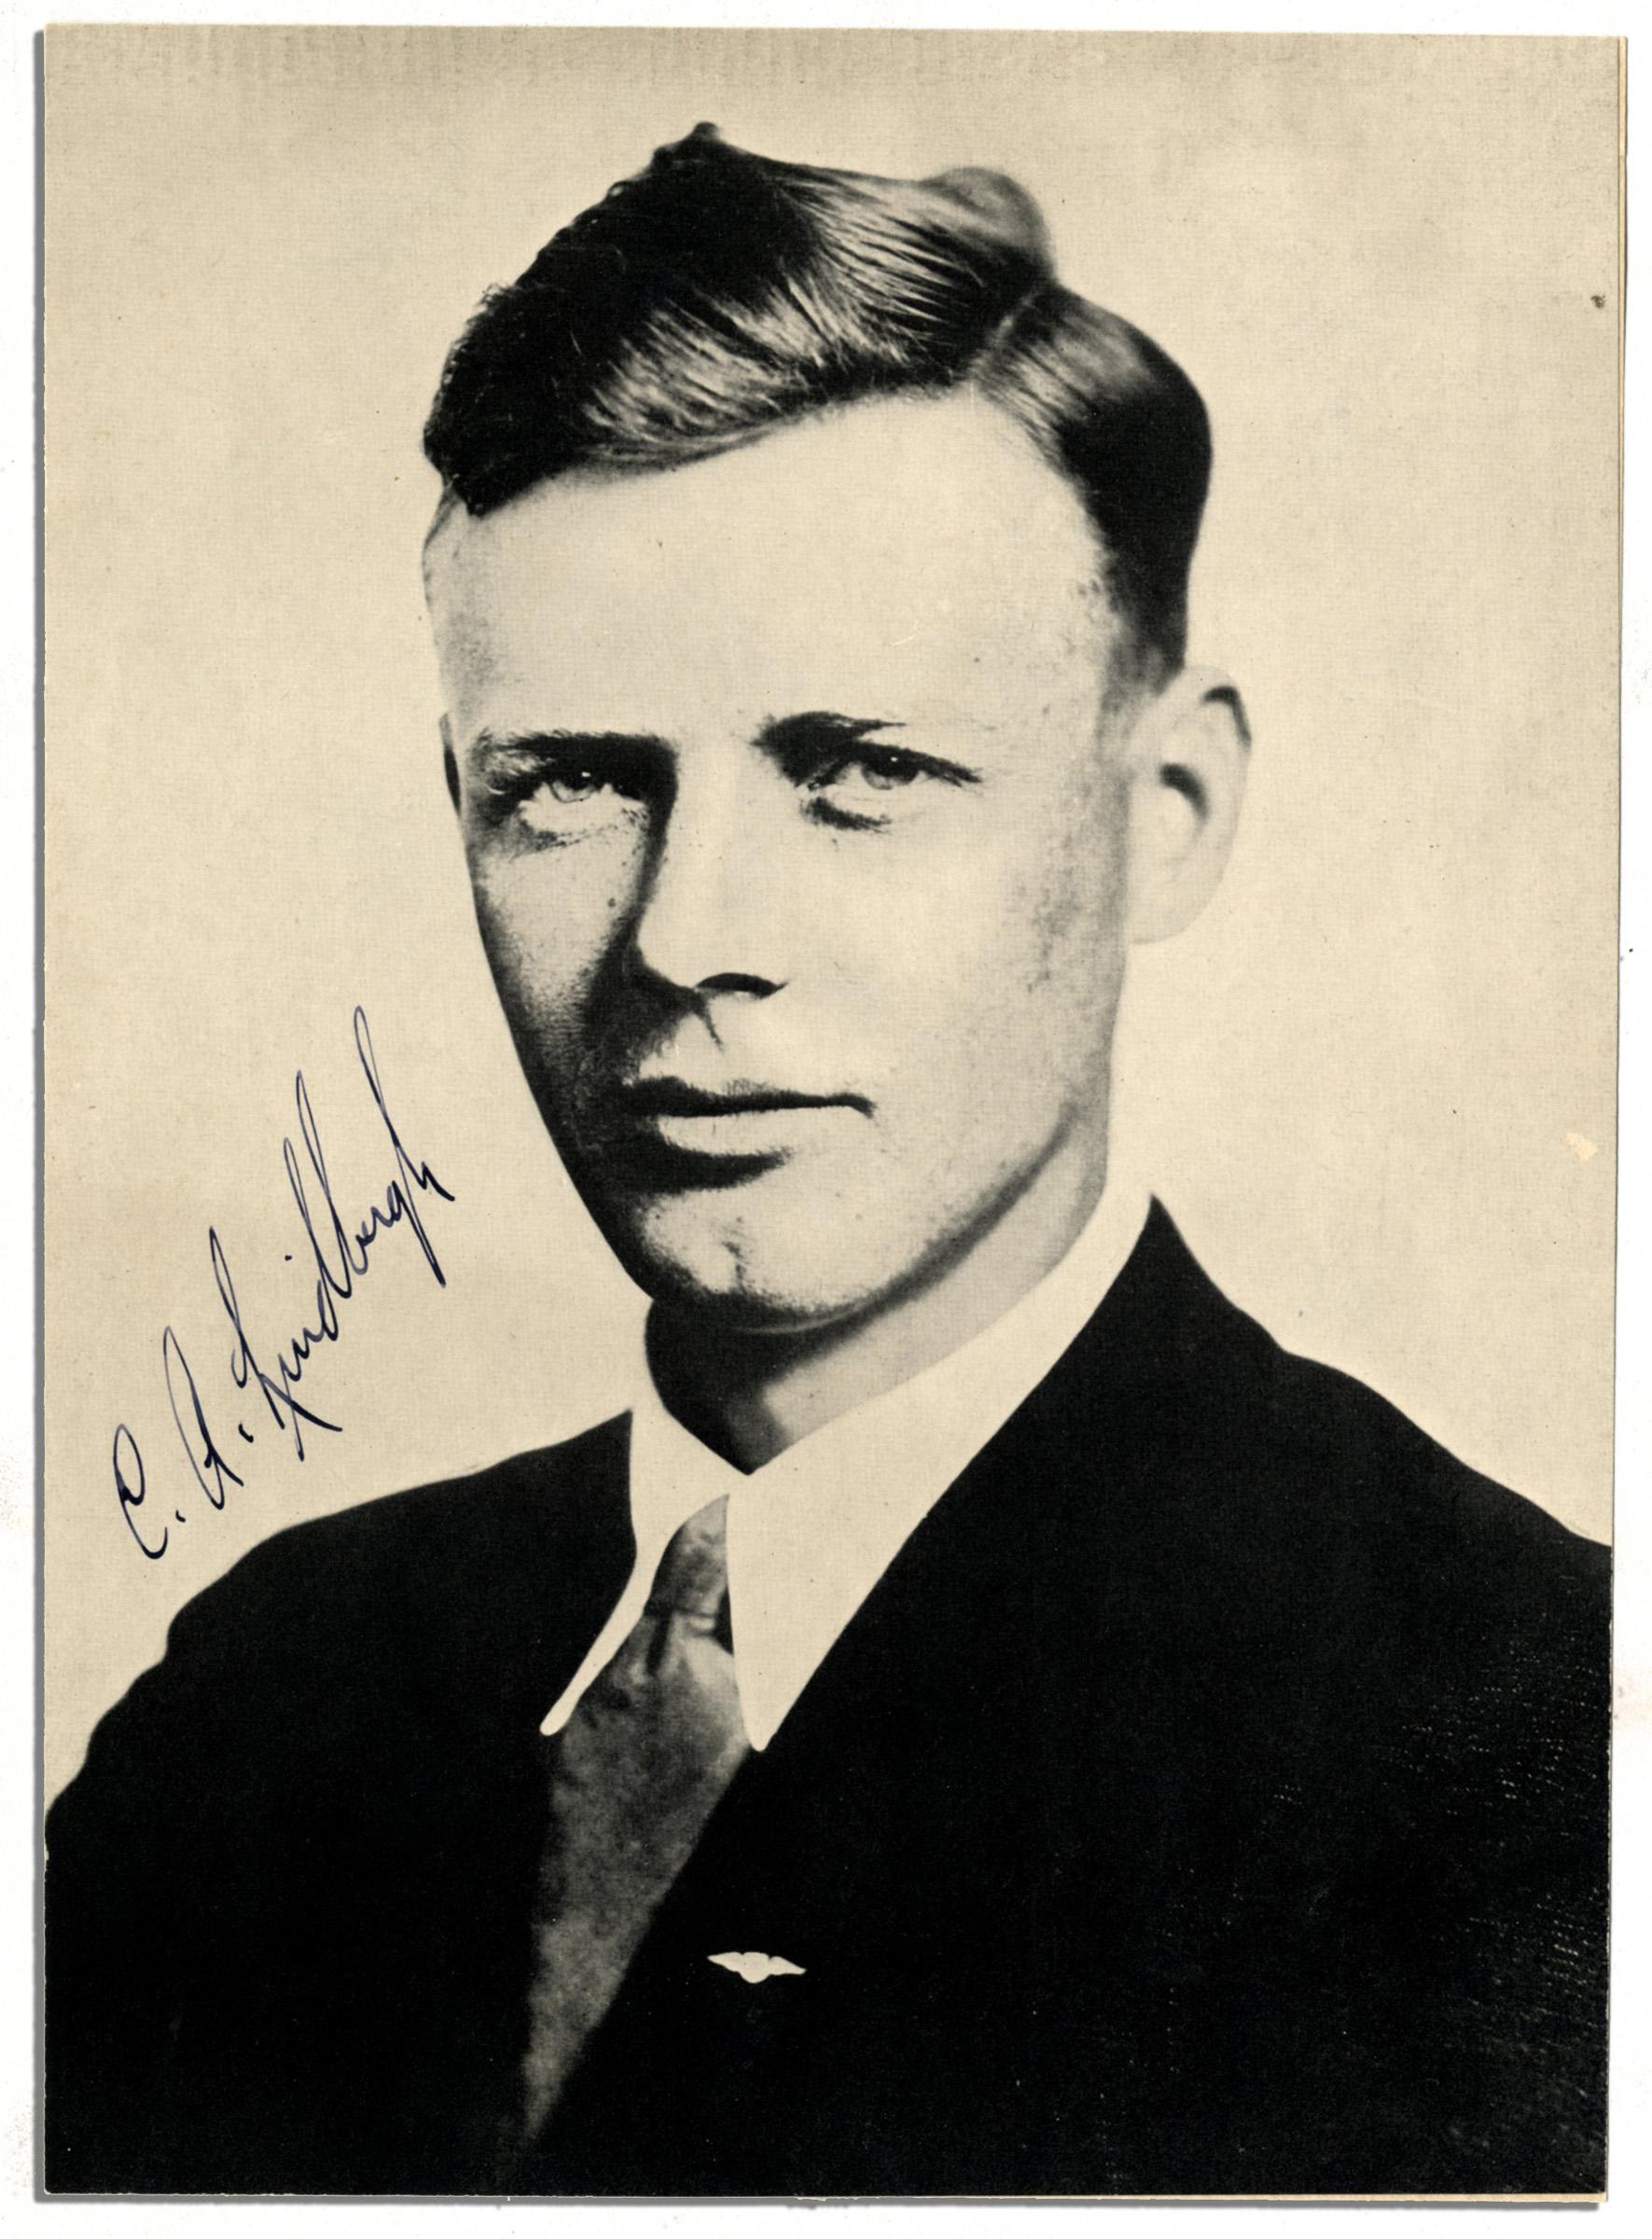 lot detail - charles lindbergh signed portrait